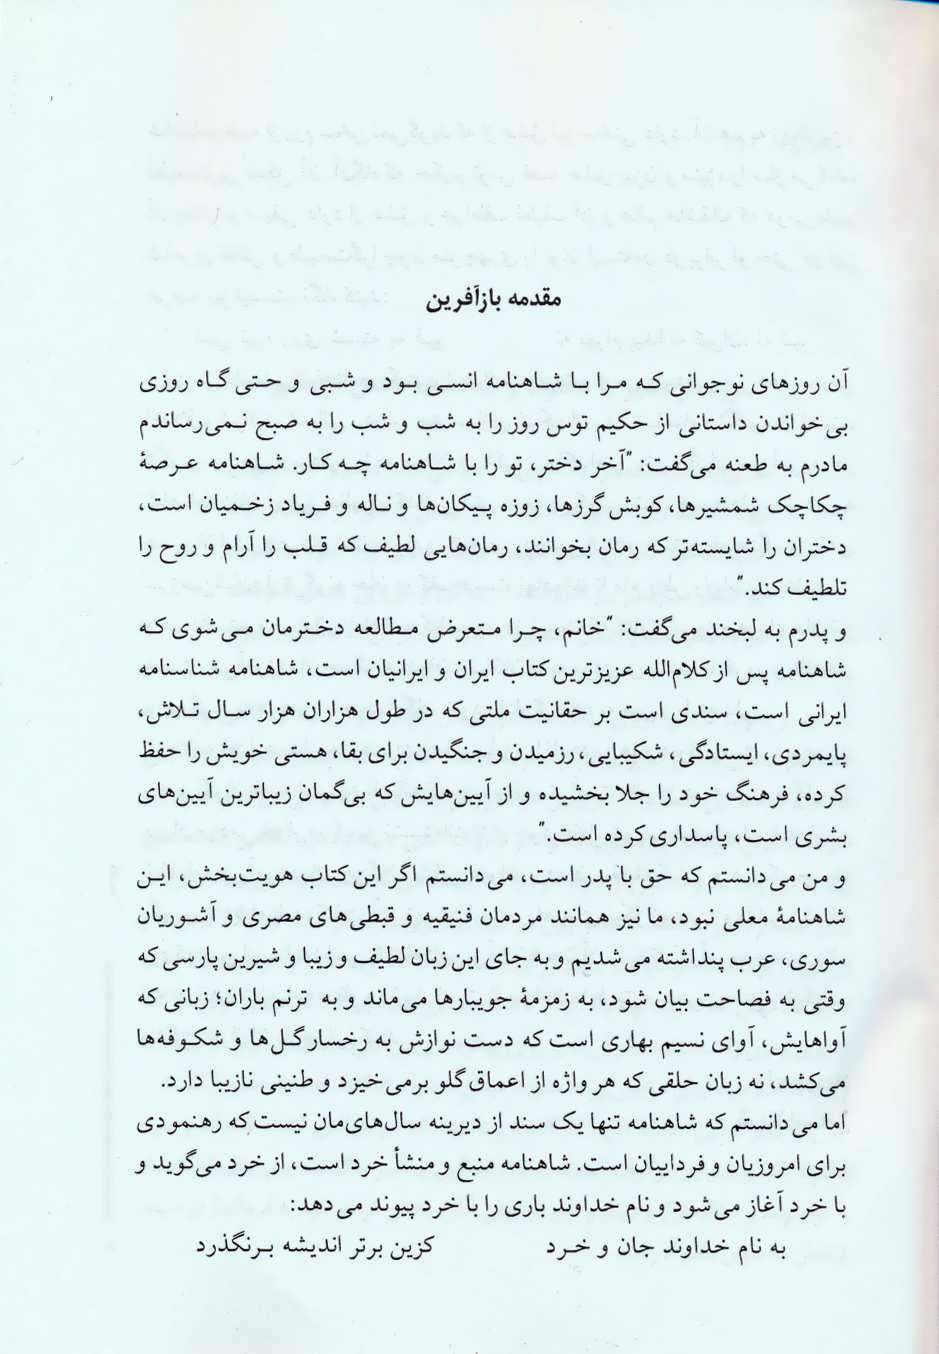 داستانهای شاهنامه (از پادشاهی اردشیر تا پادشاهی انوشیروان)